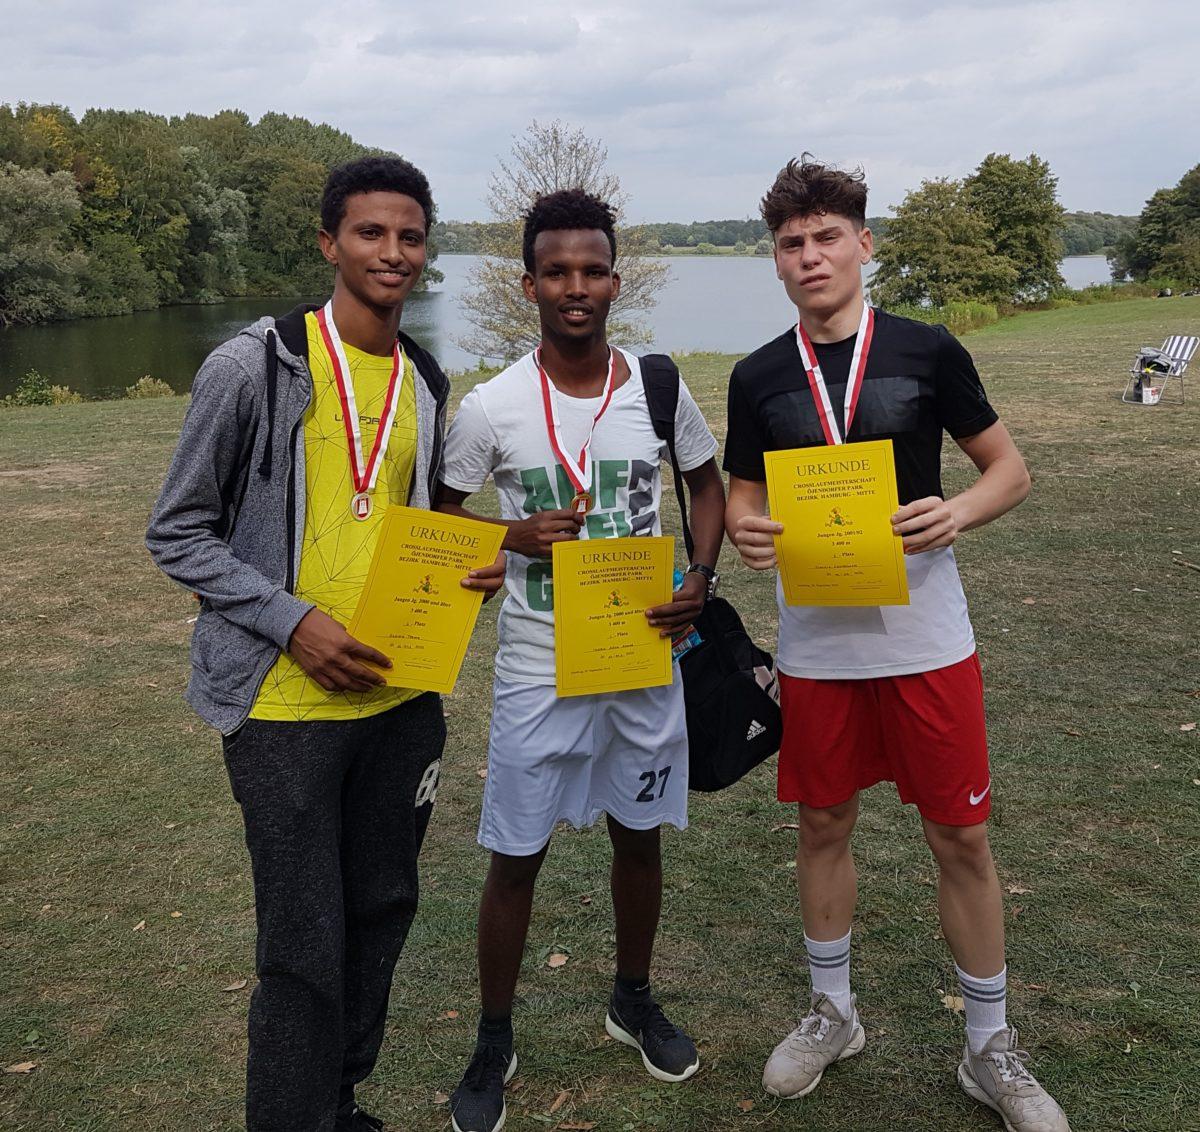 Überragender 1. Platz bei Crosslauf-Bezirksmeisterschaften